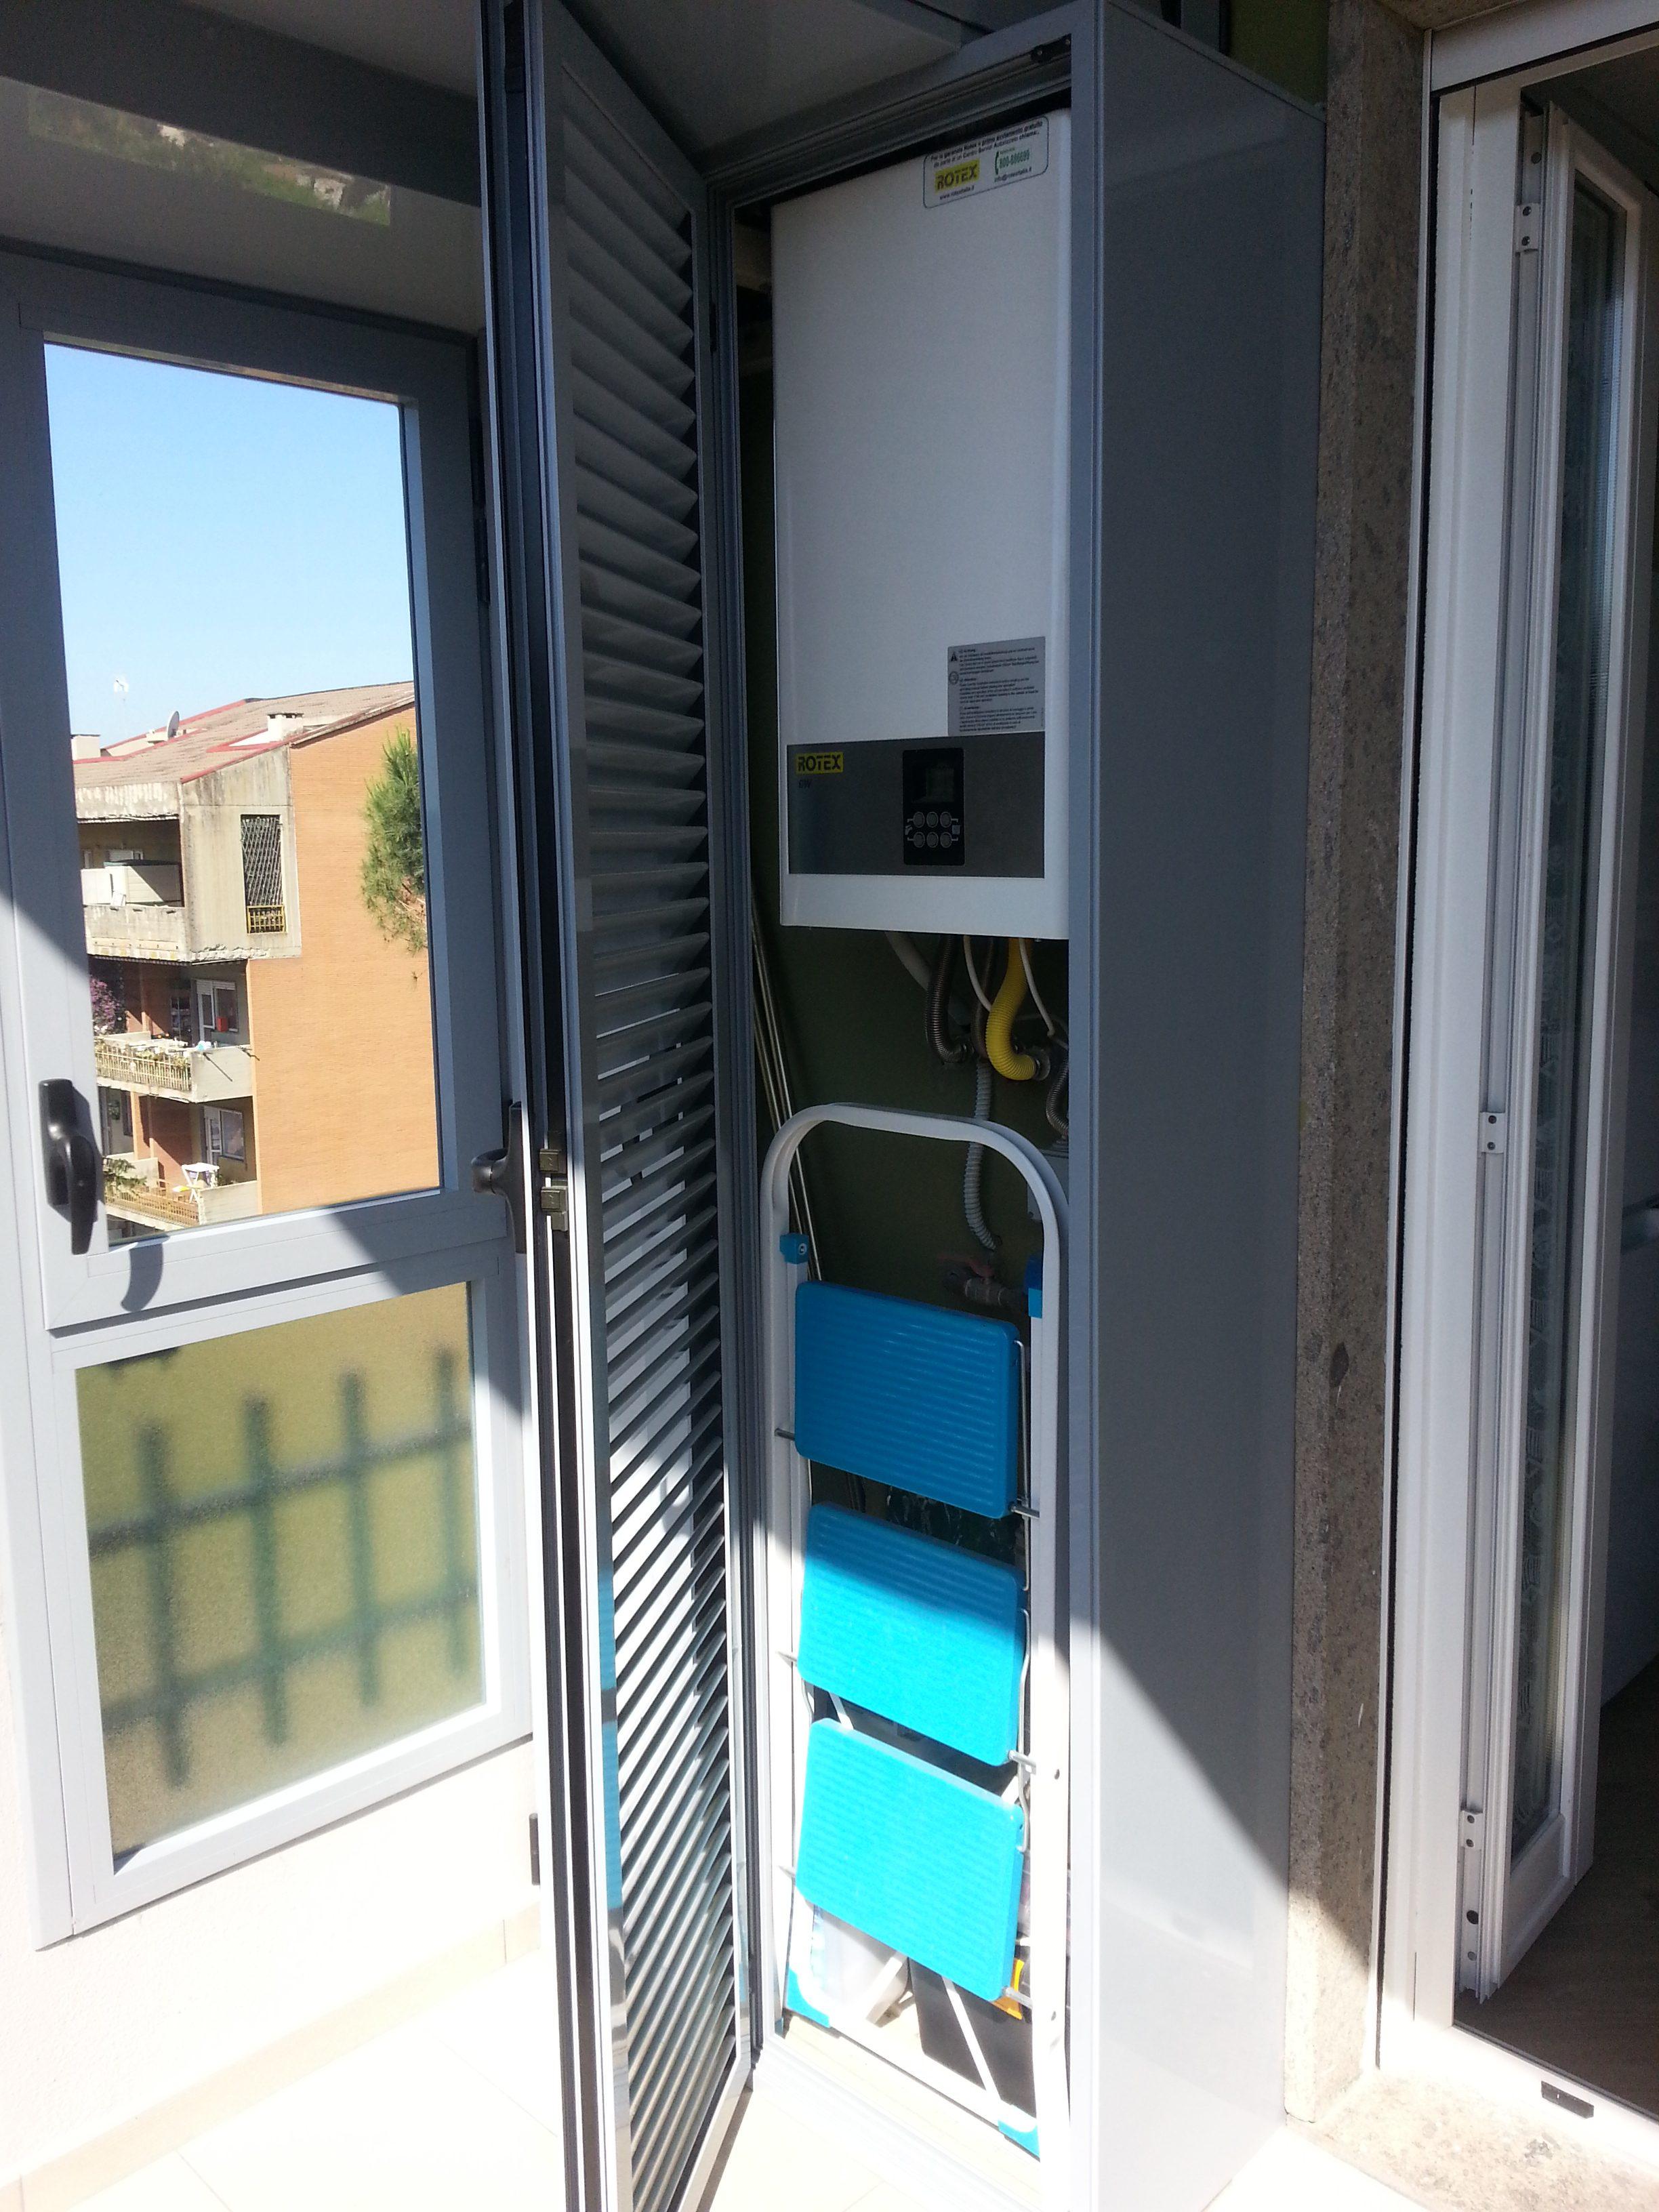 Fotografia di un armadio copricaldaia in alluminio grigio Ral 7001 a doghe inclinate aperte (aperto).